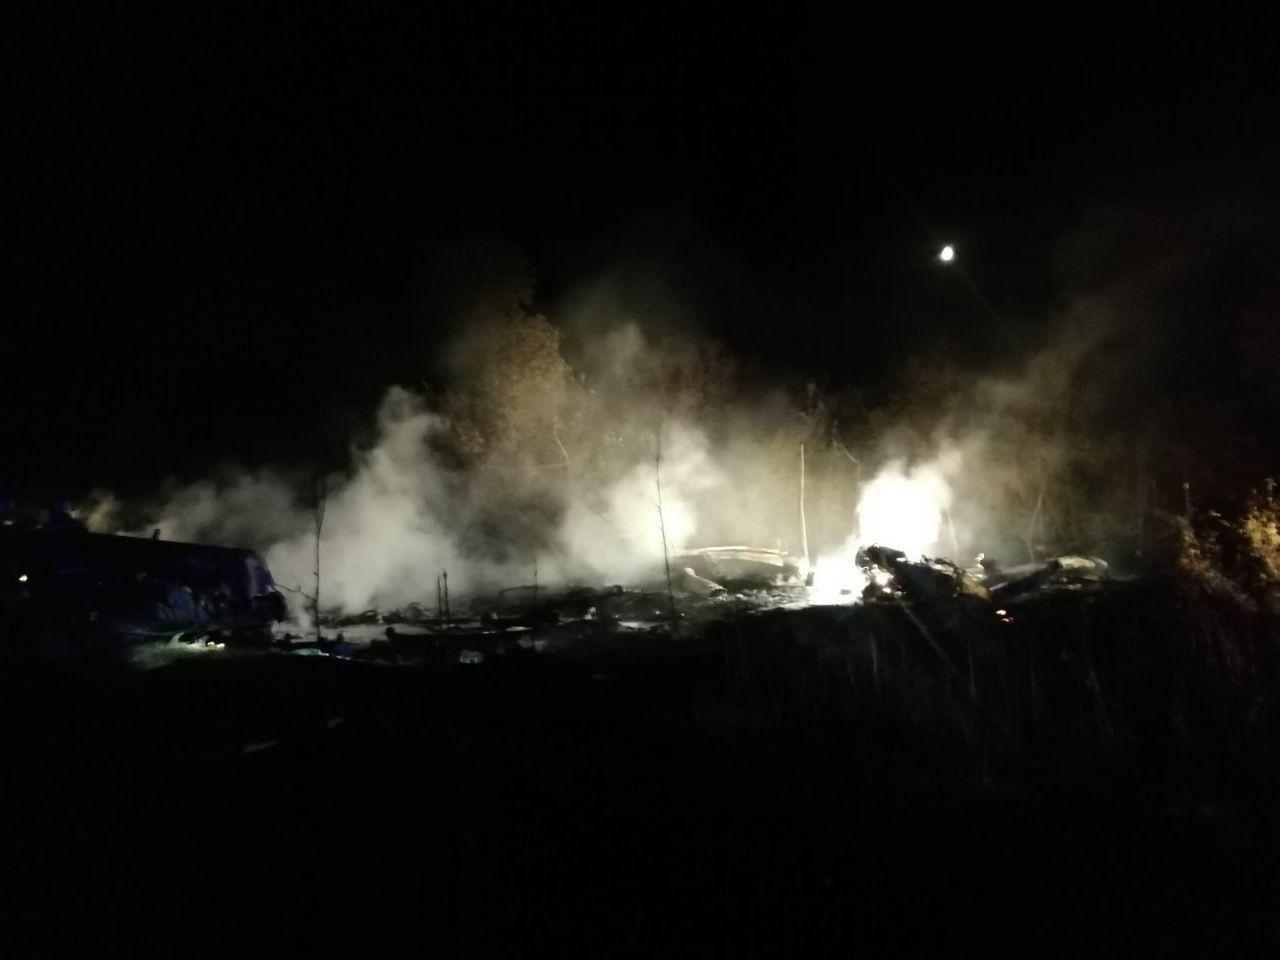 Годовщина авиакатастрофы на Харьковщине: что стало известно | Первая Столица Харьков